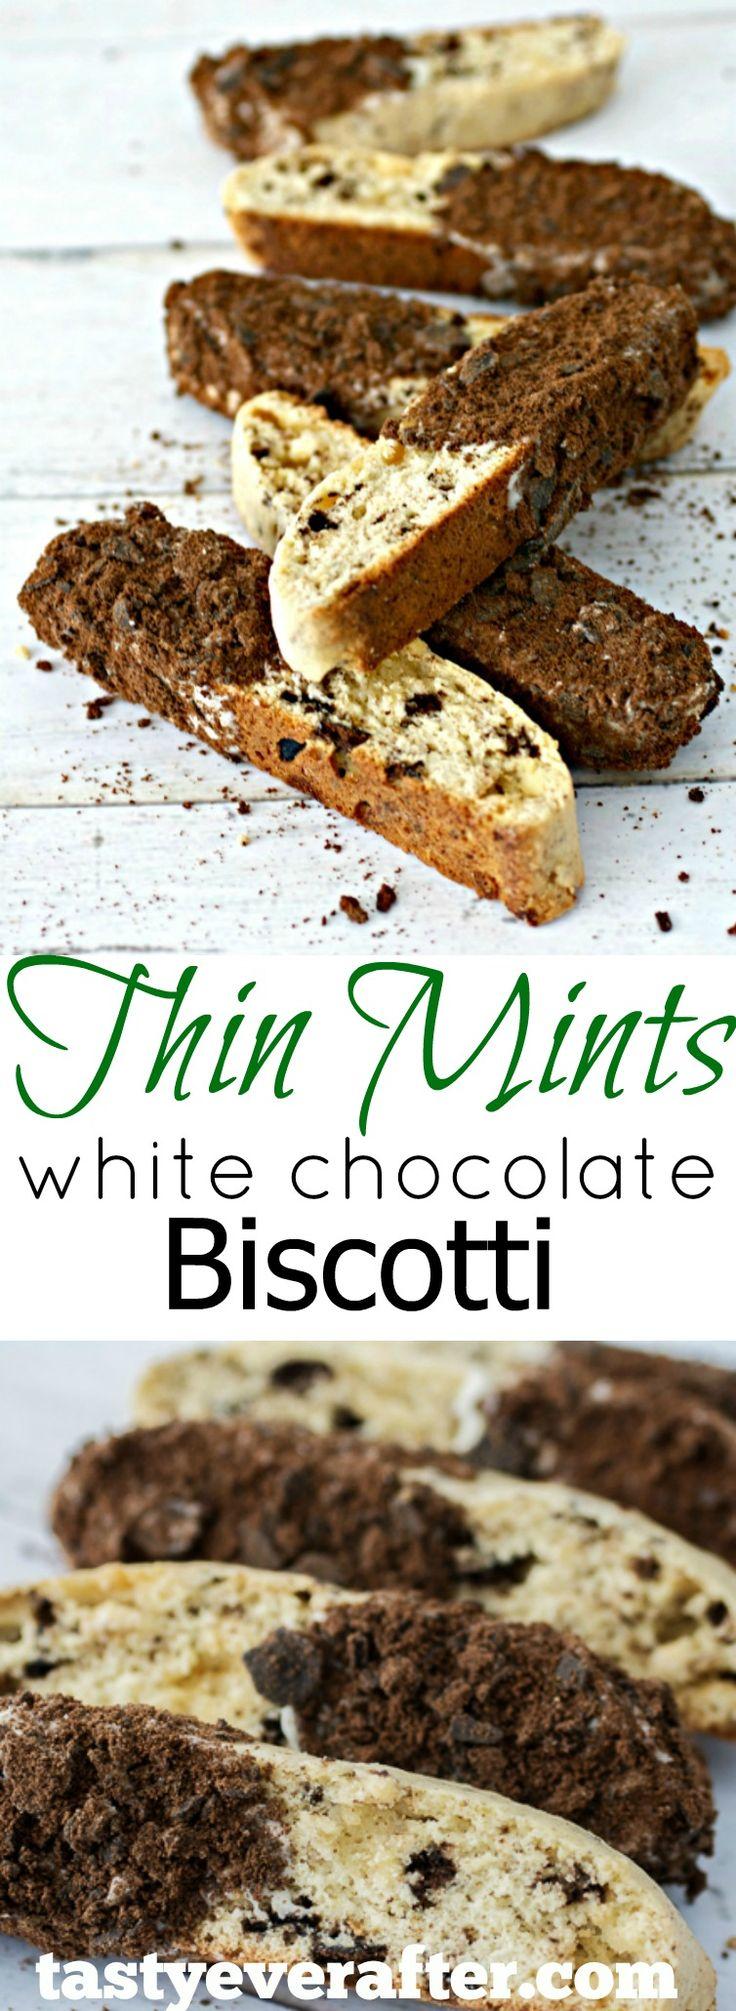 Best 25+ Chocolate biscotti recipe ideas on Pinterest | Biscotti ...